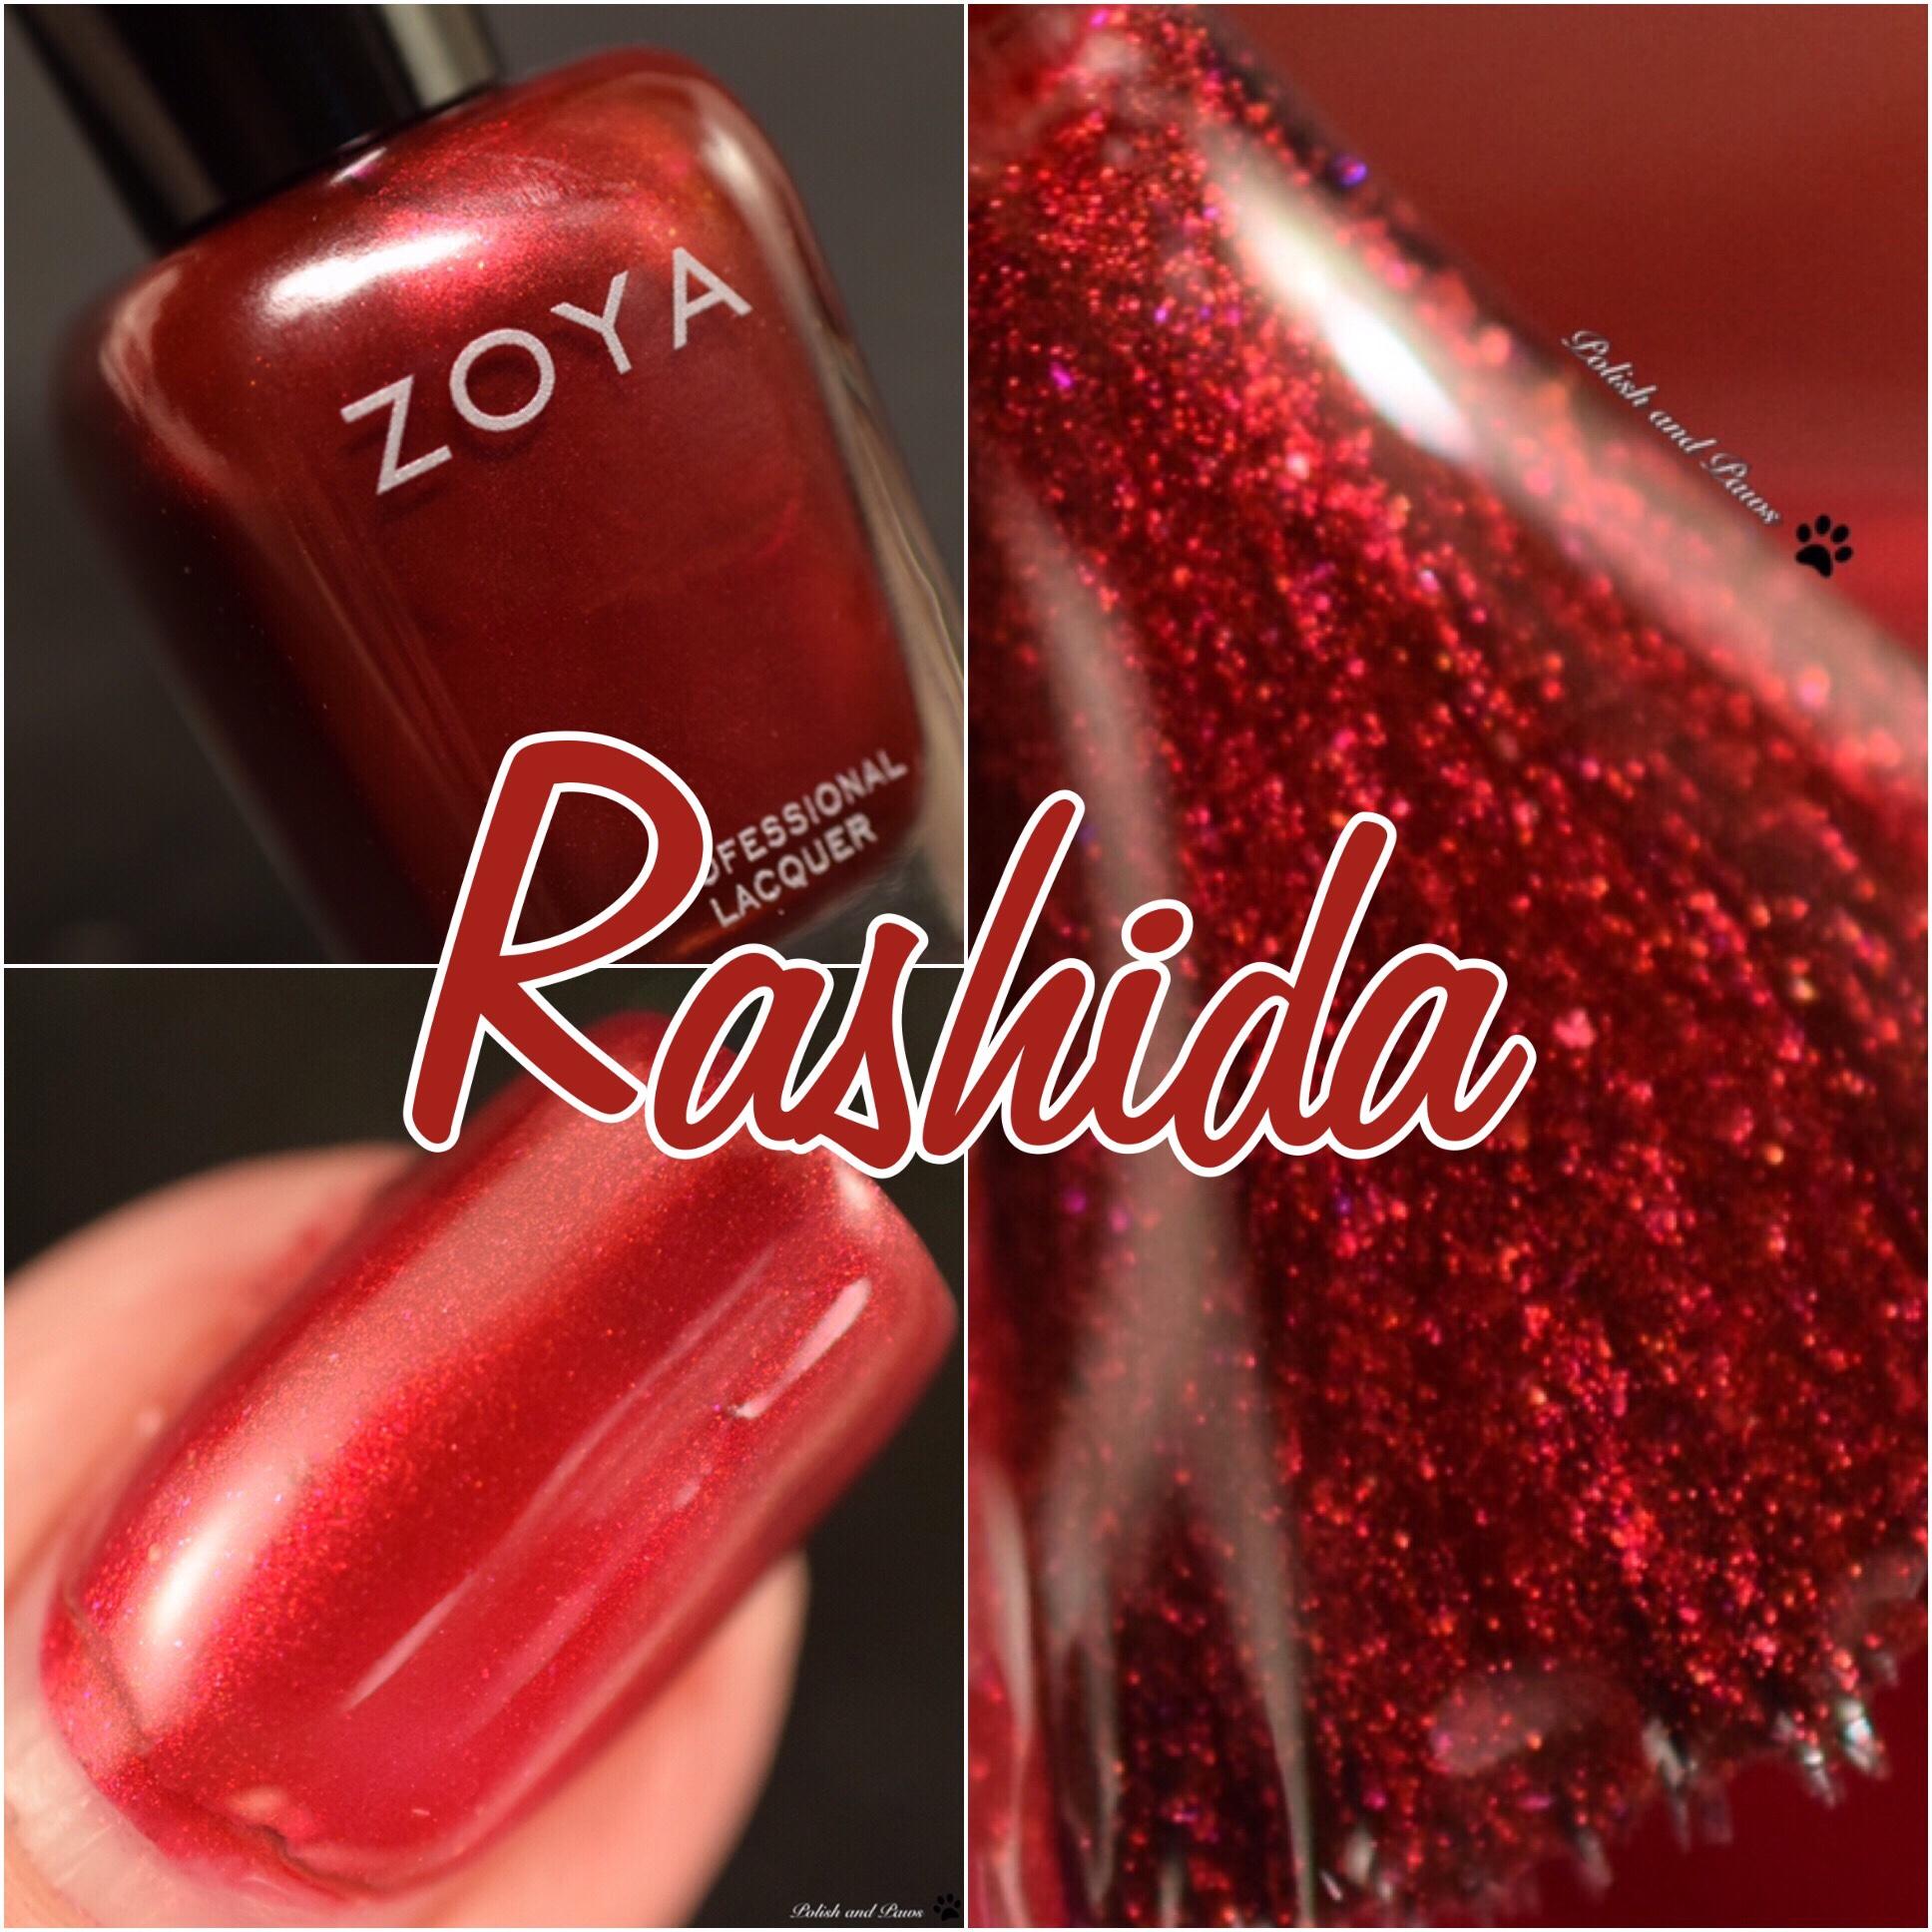 Zoya Rashida